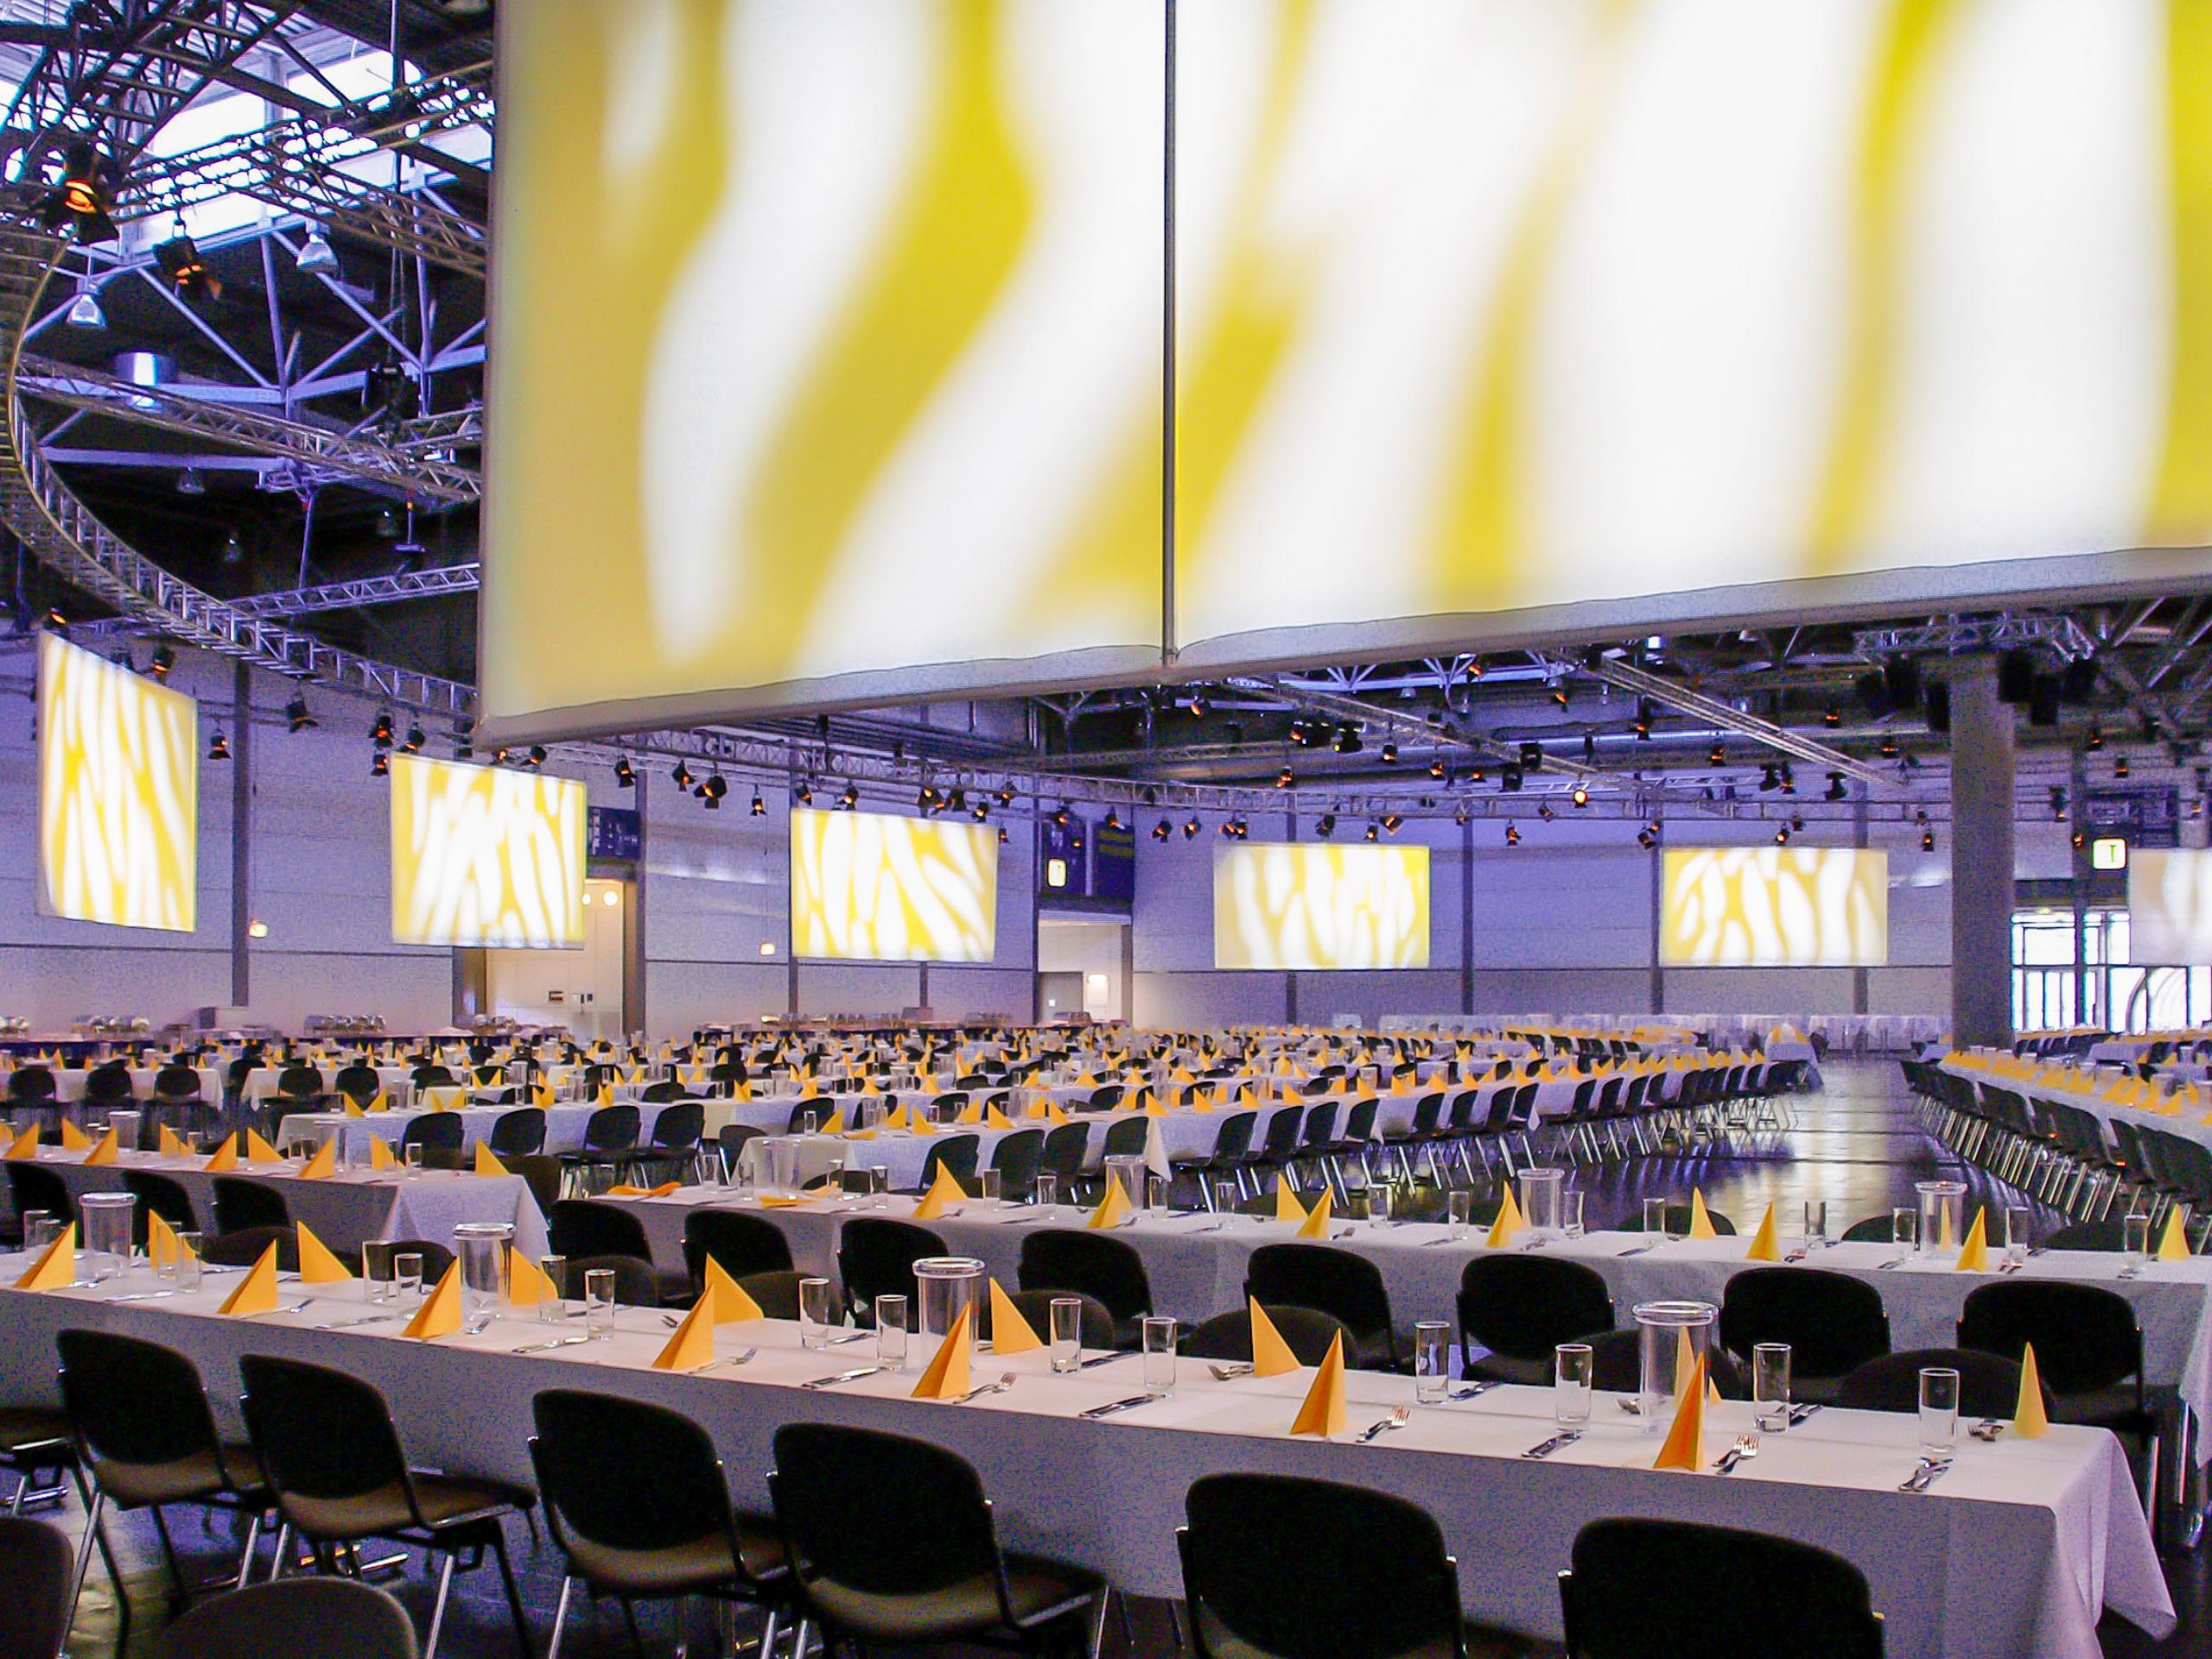 Veranstaltungshalle mit gedeckten Tischen, Traversenkonstruktion mit abgehängten Leinwänden und Scheinwerfern